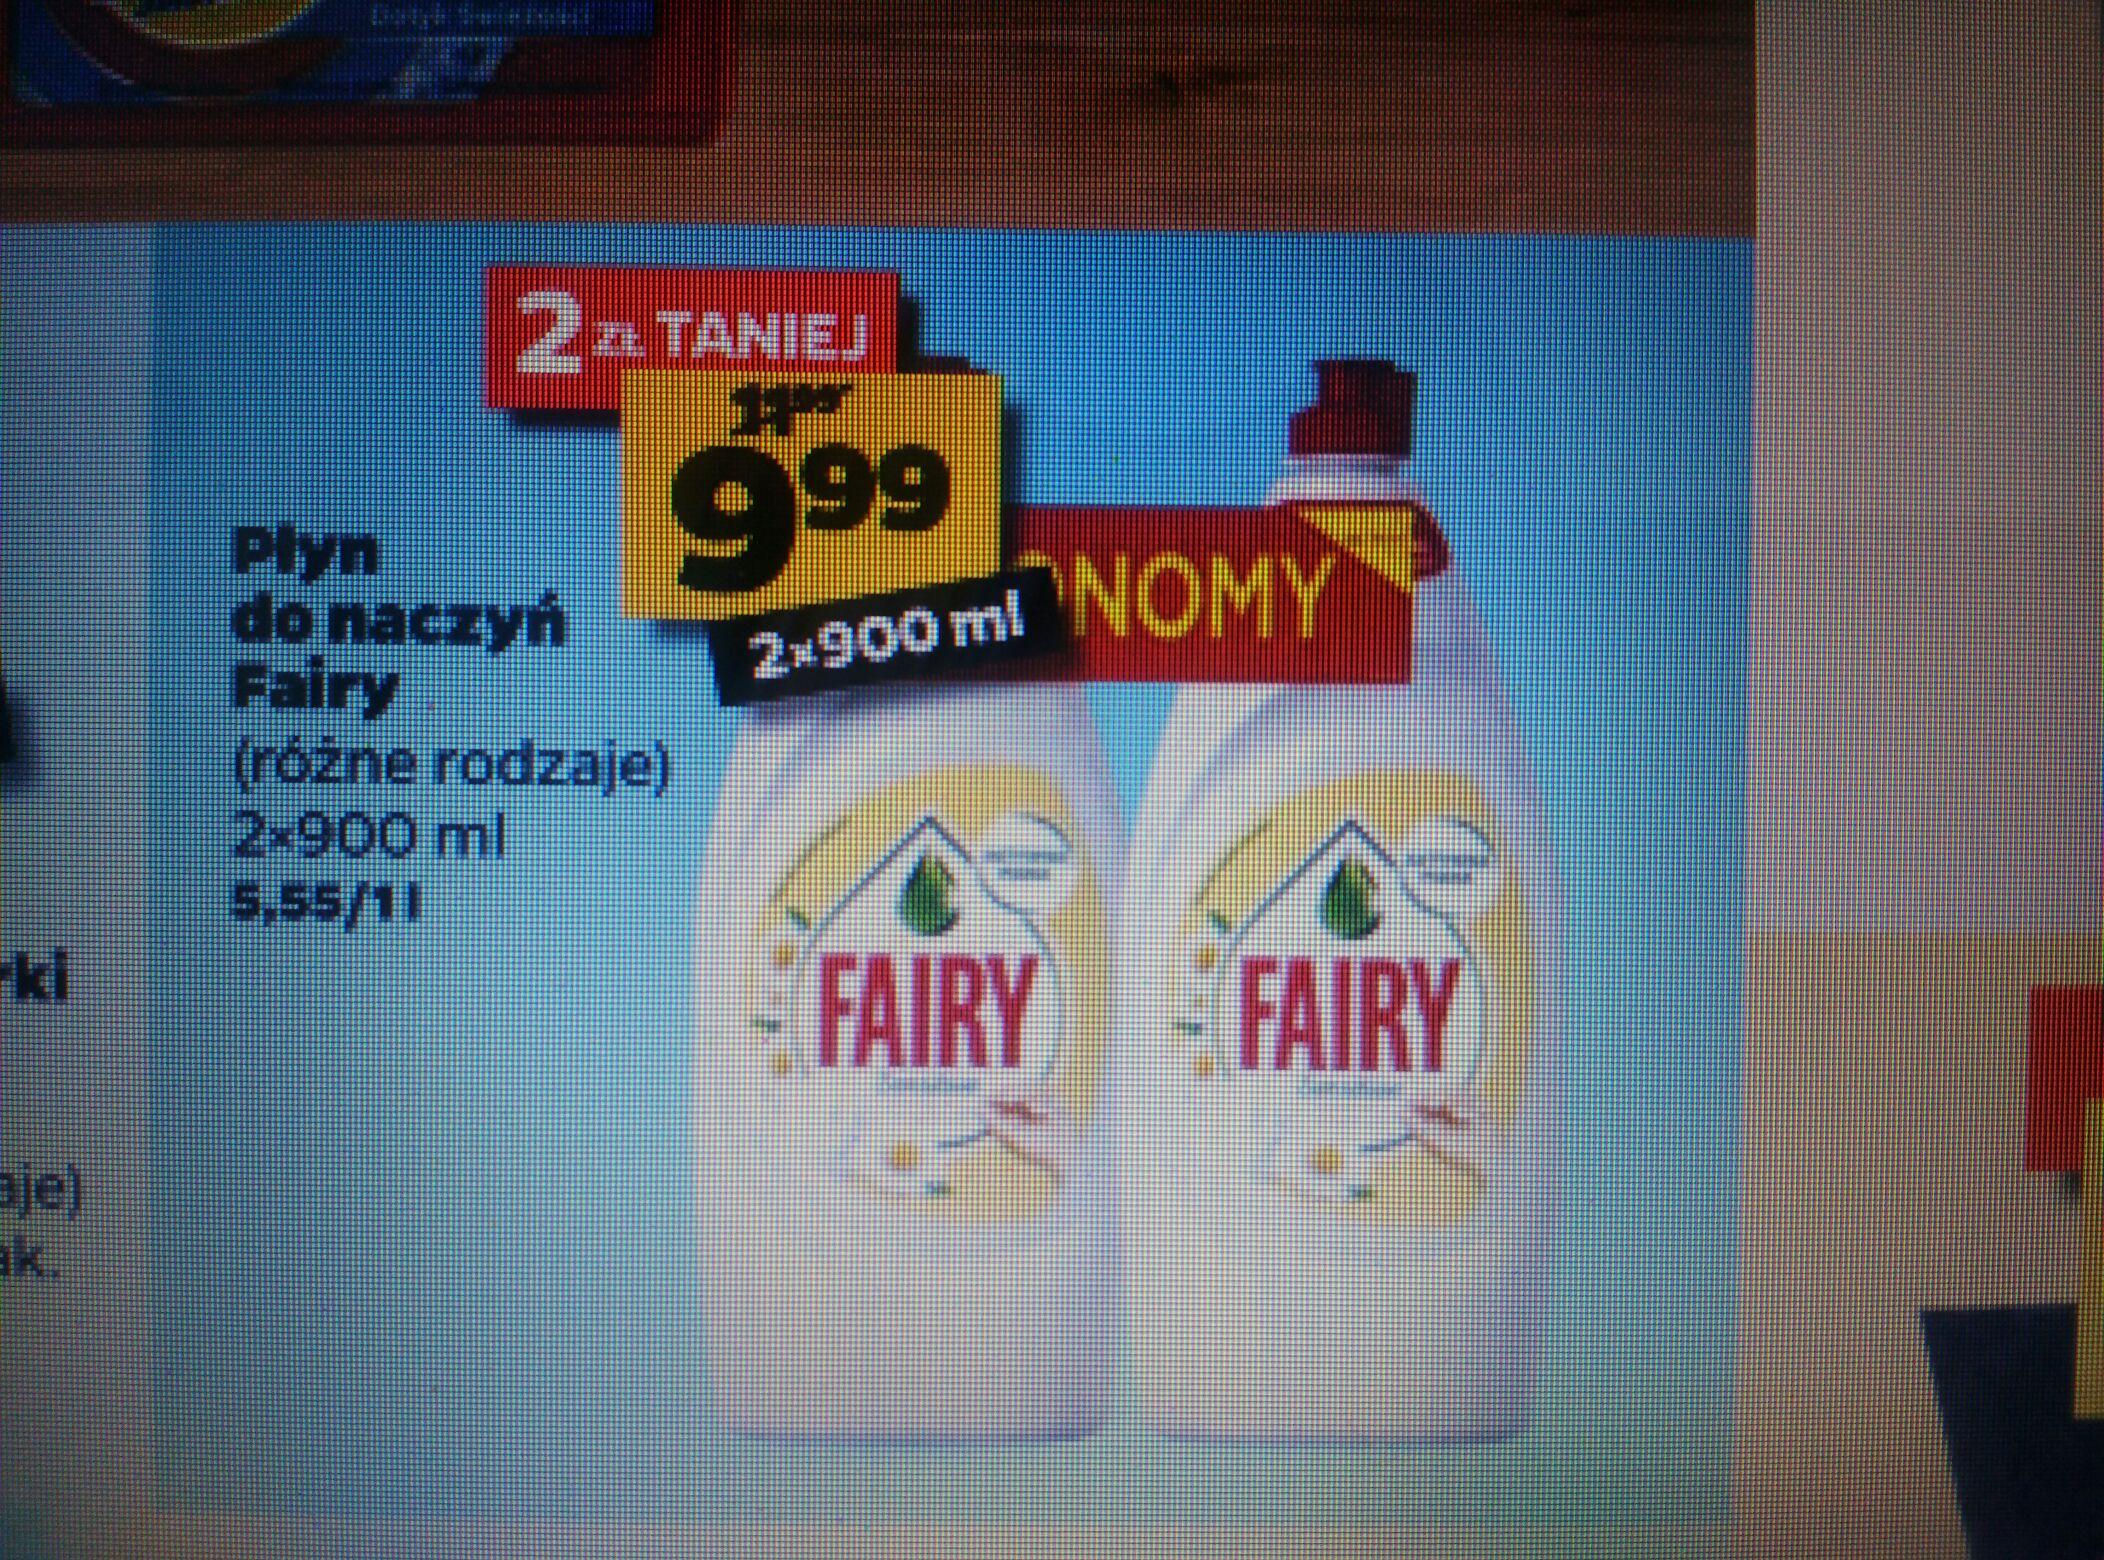 Płyn do naczyń Fairy 2x900ml w Netto